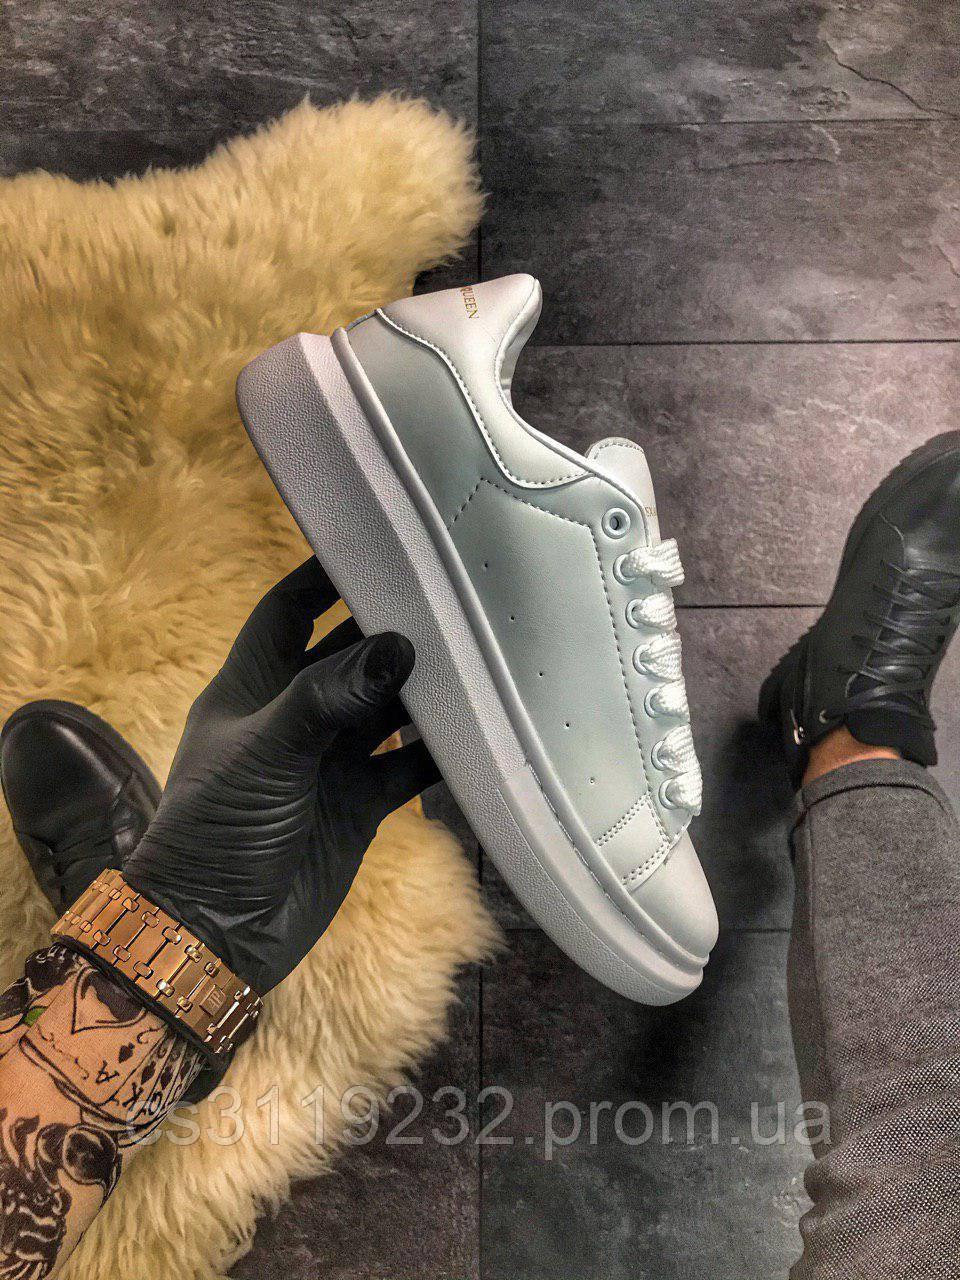 Чоловічі кросівки Full White (білі)